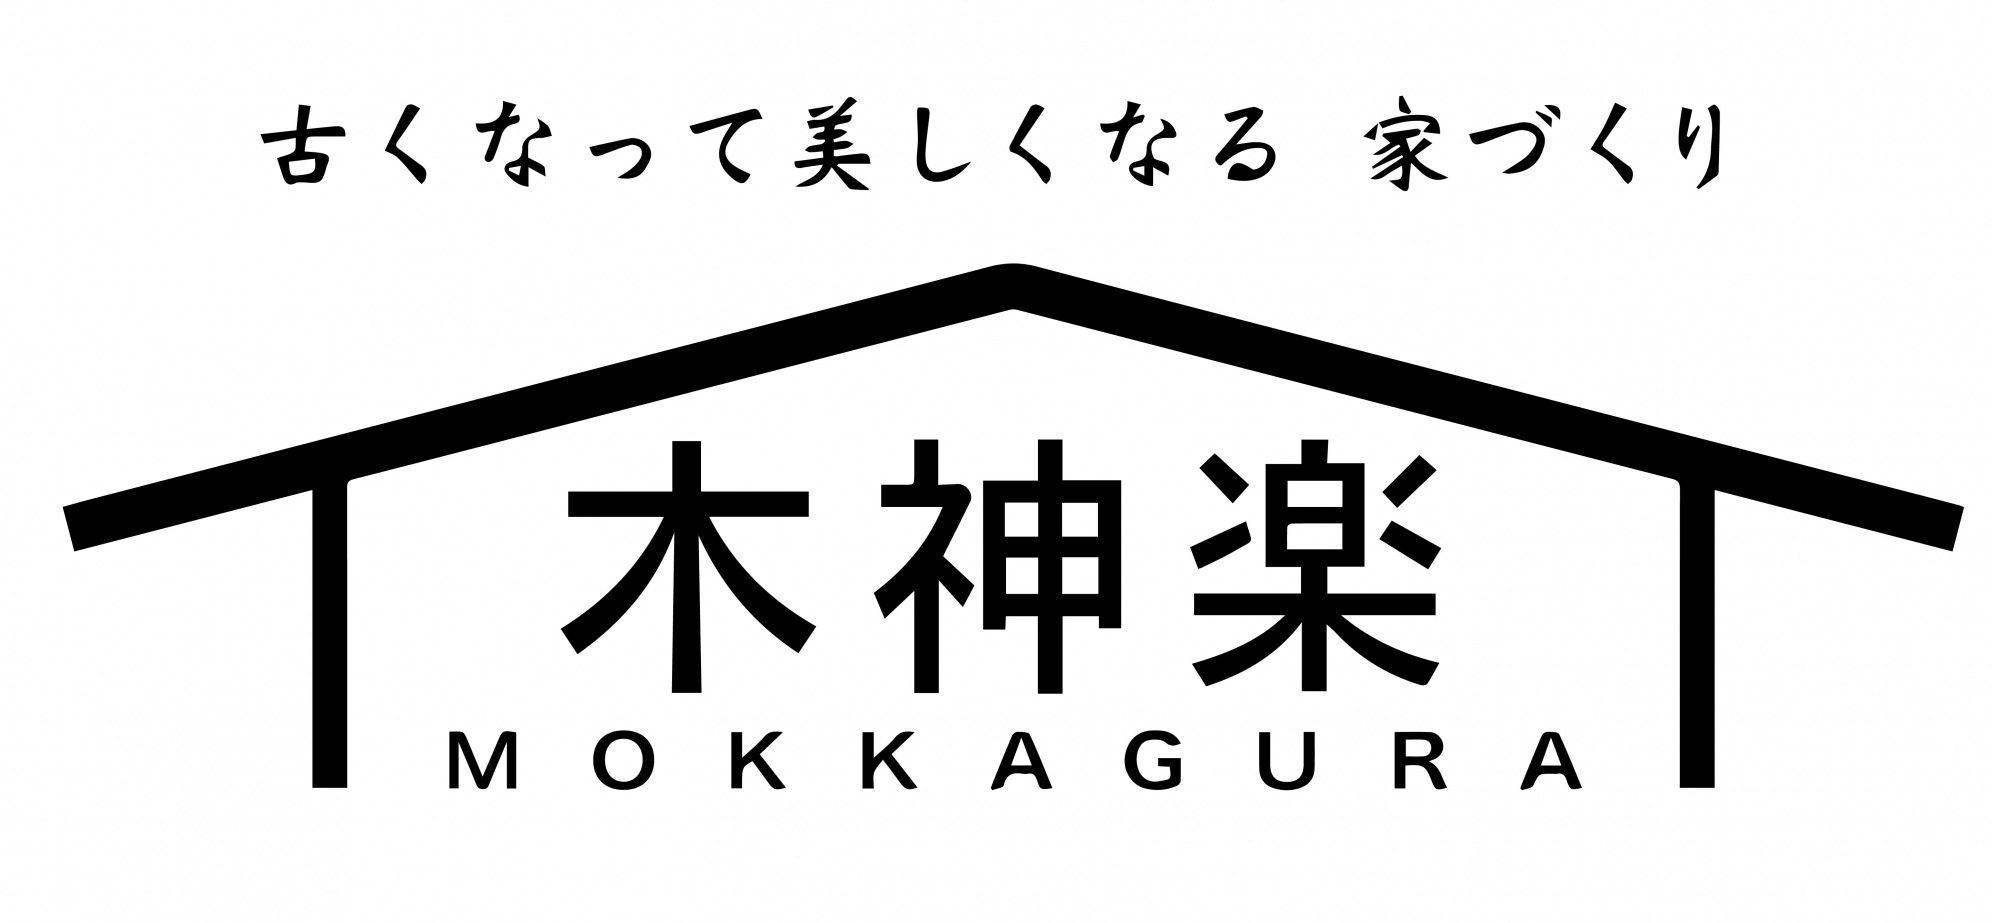 株式会社木神楽